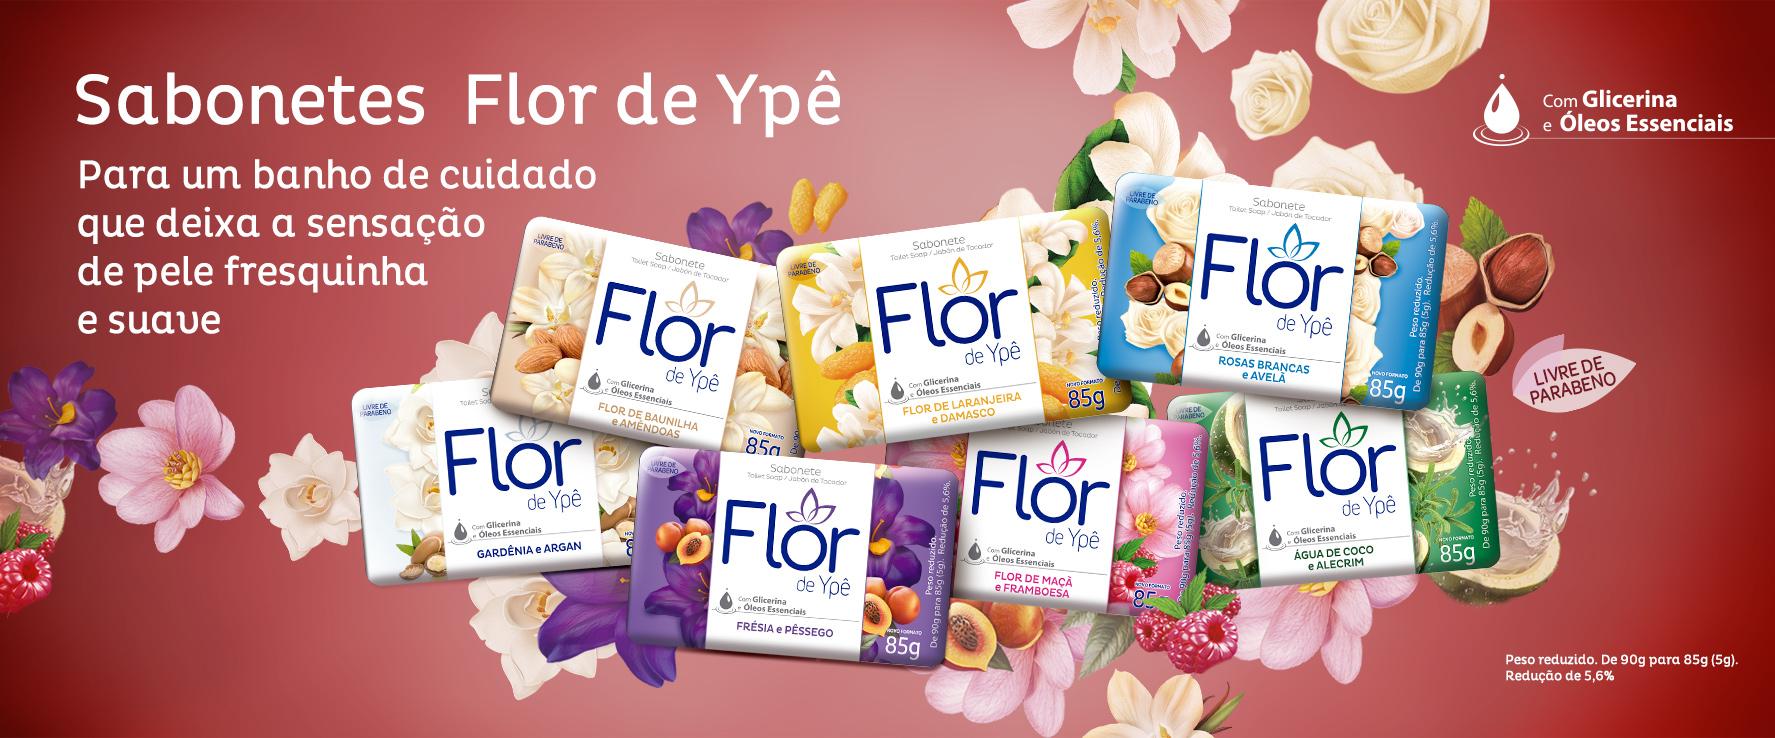 Sabonete Flor de Ypê